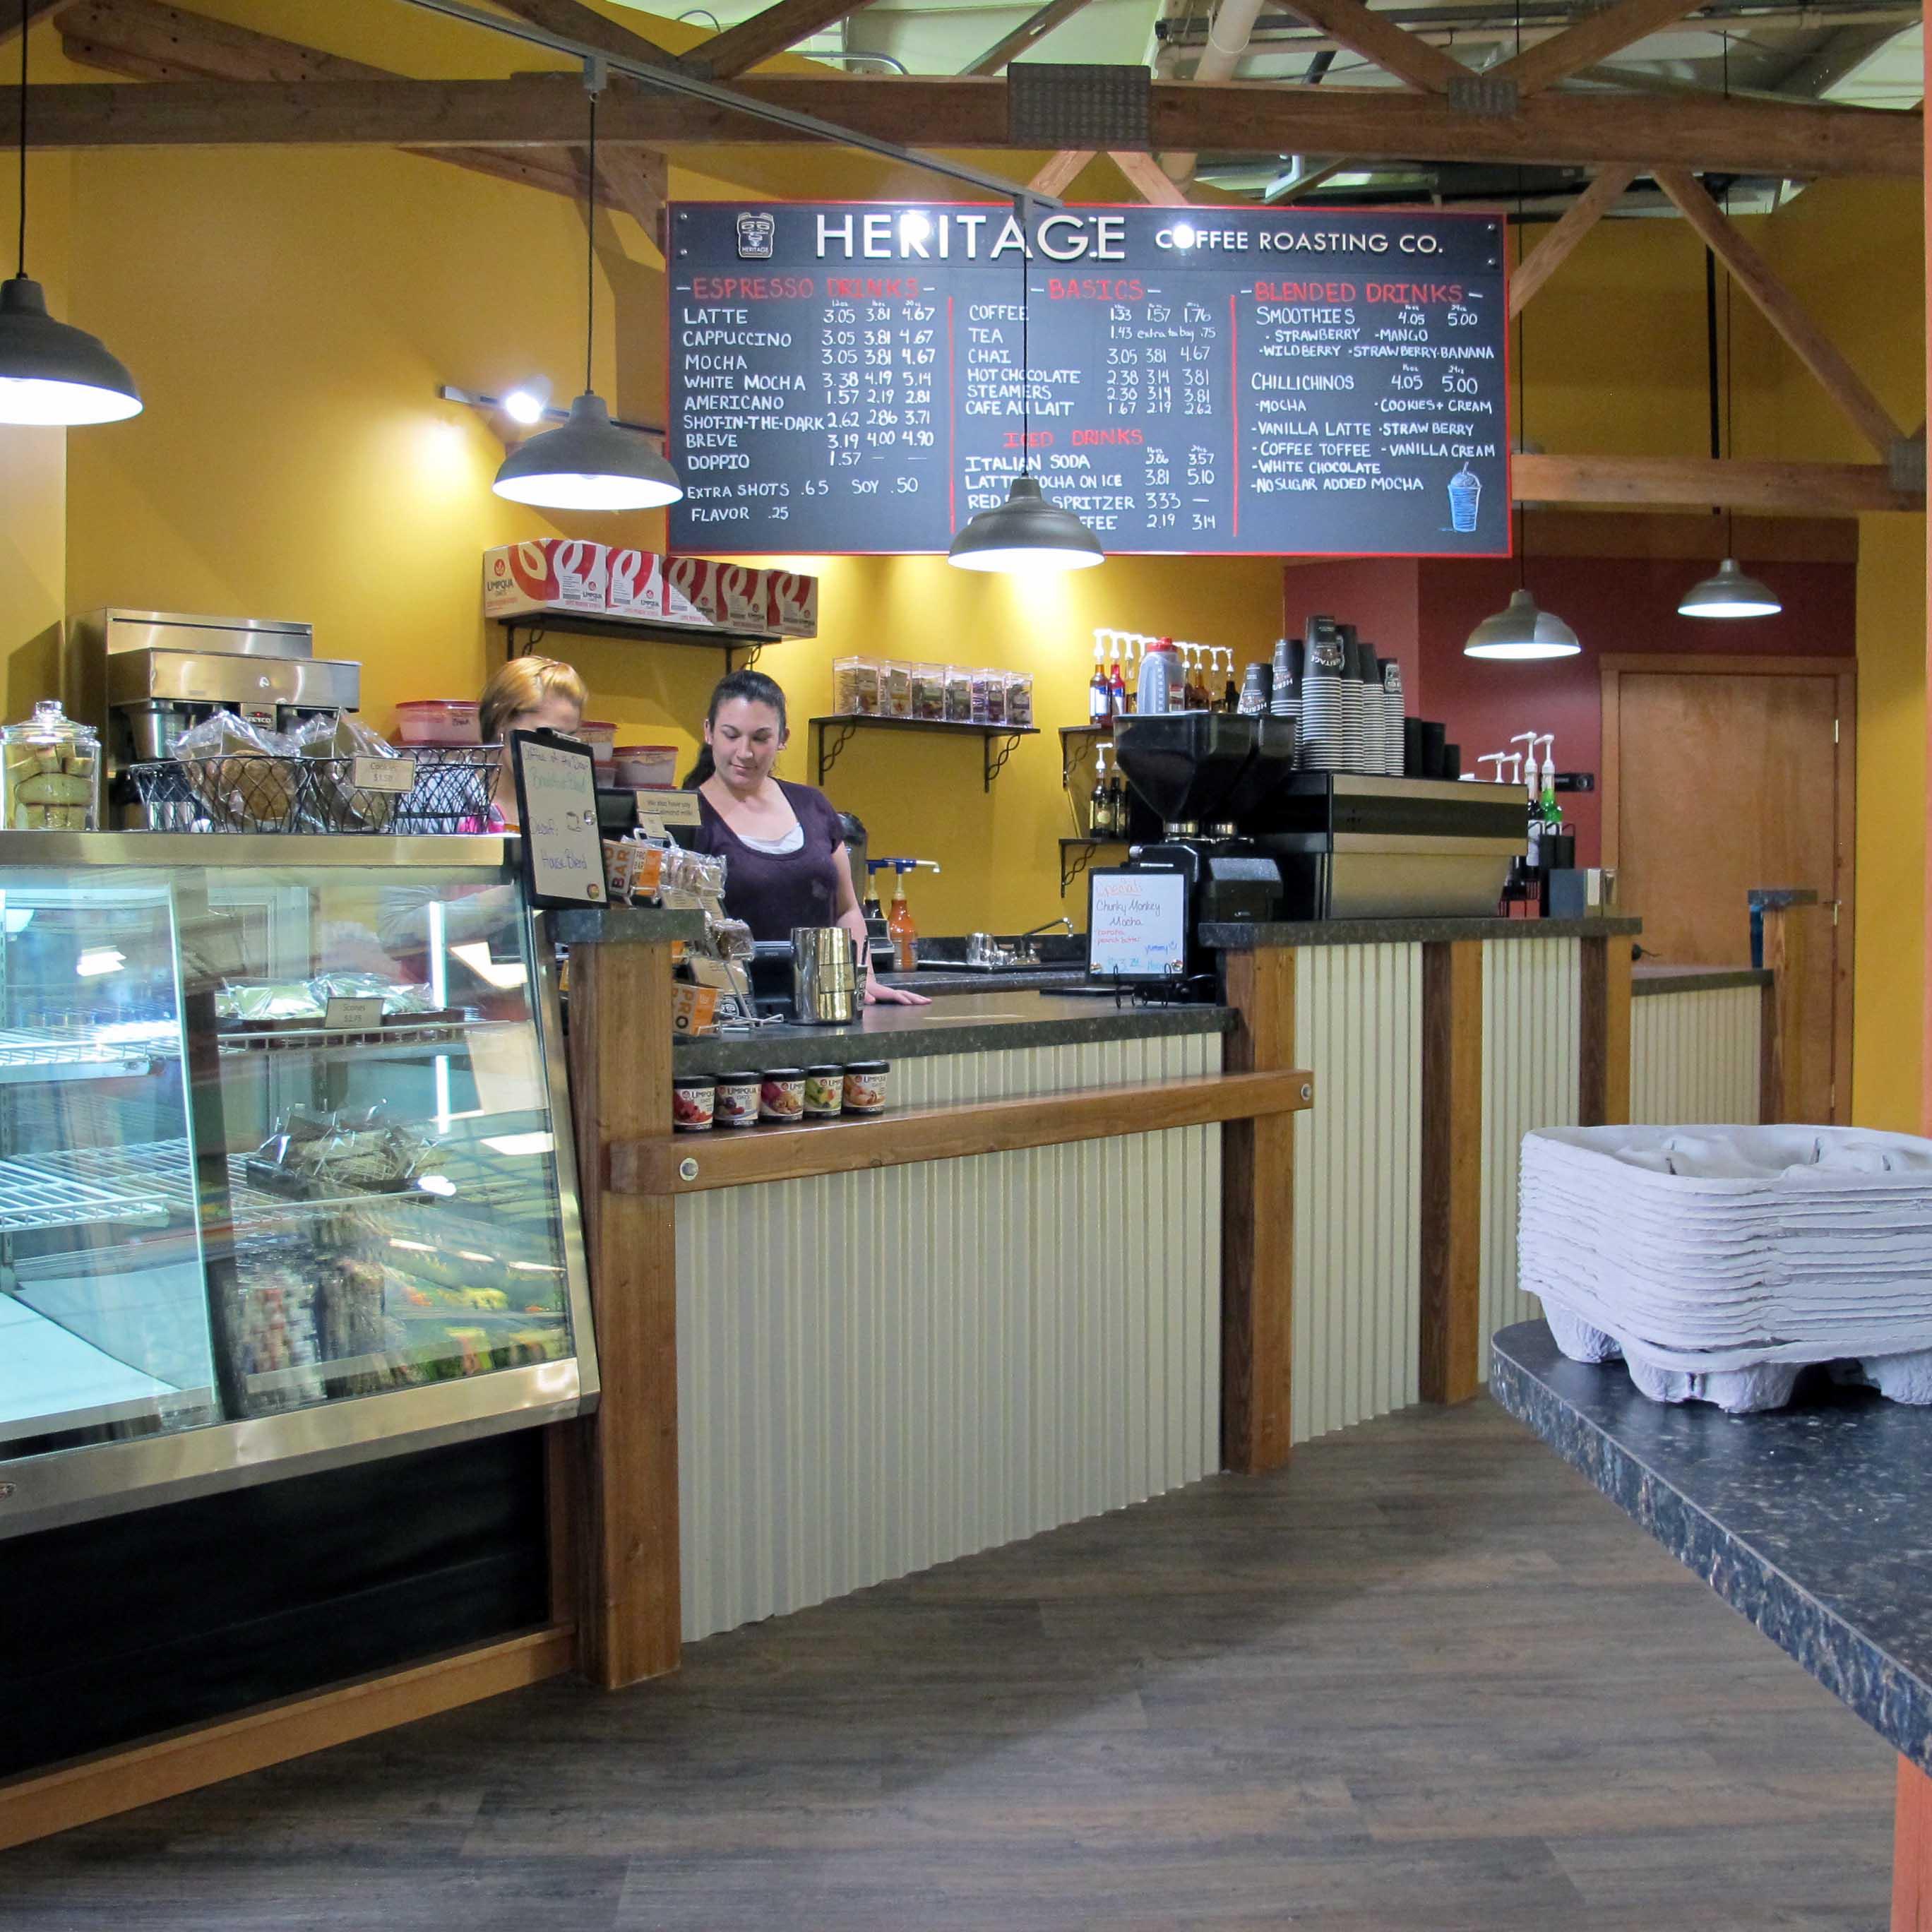 IGA cafe